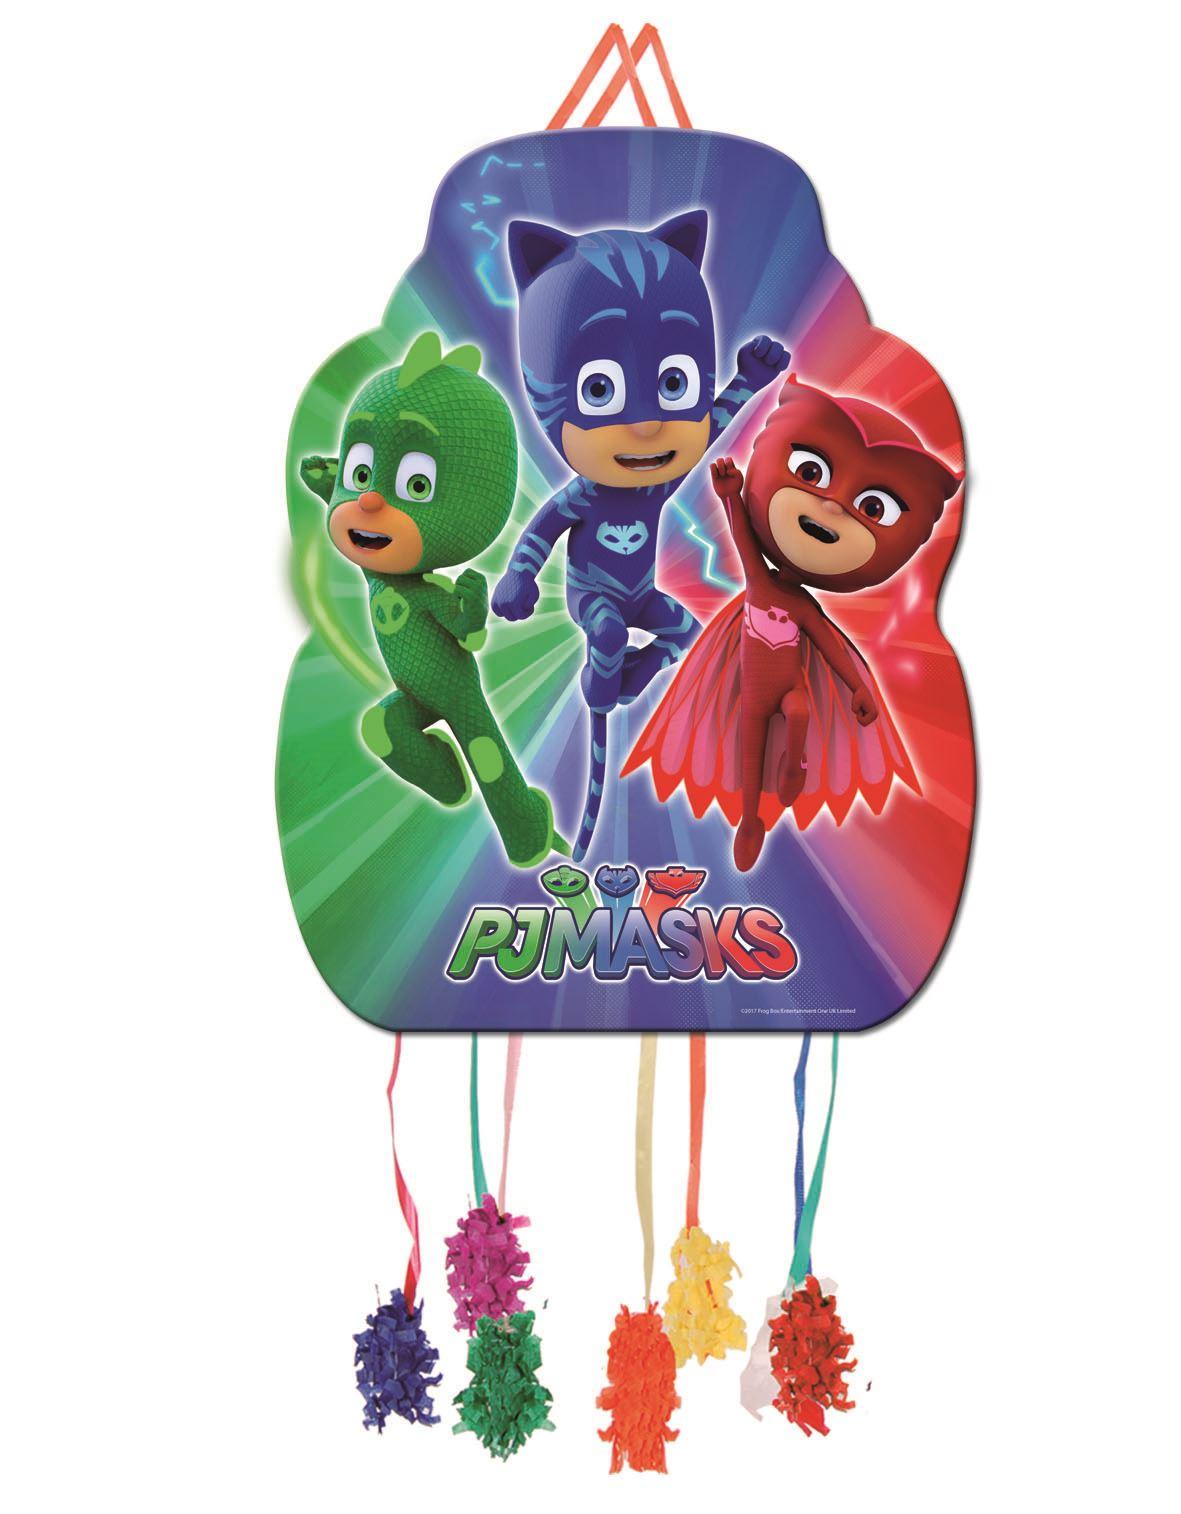 3a55dd24cf Piñata PJ Masks mediana✅ por sólo 7